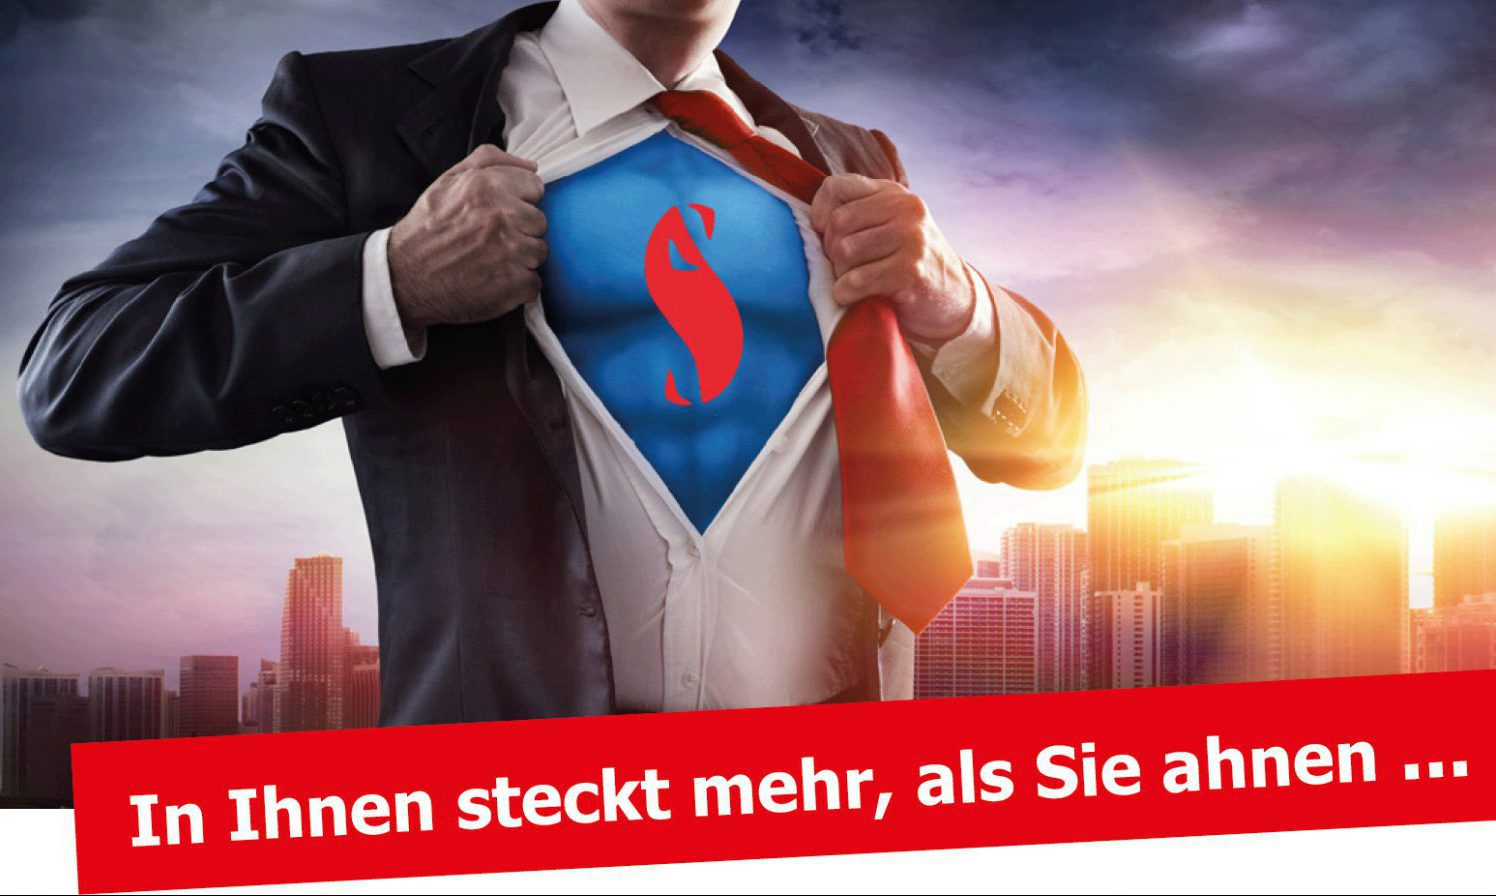 Superheld Stellenanzeige 2017-01